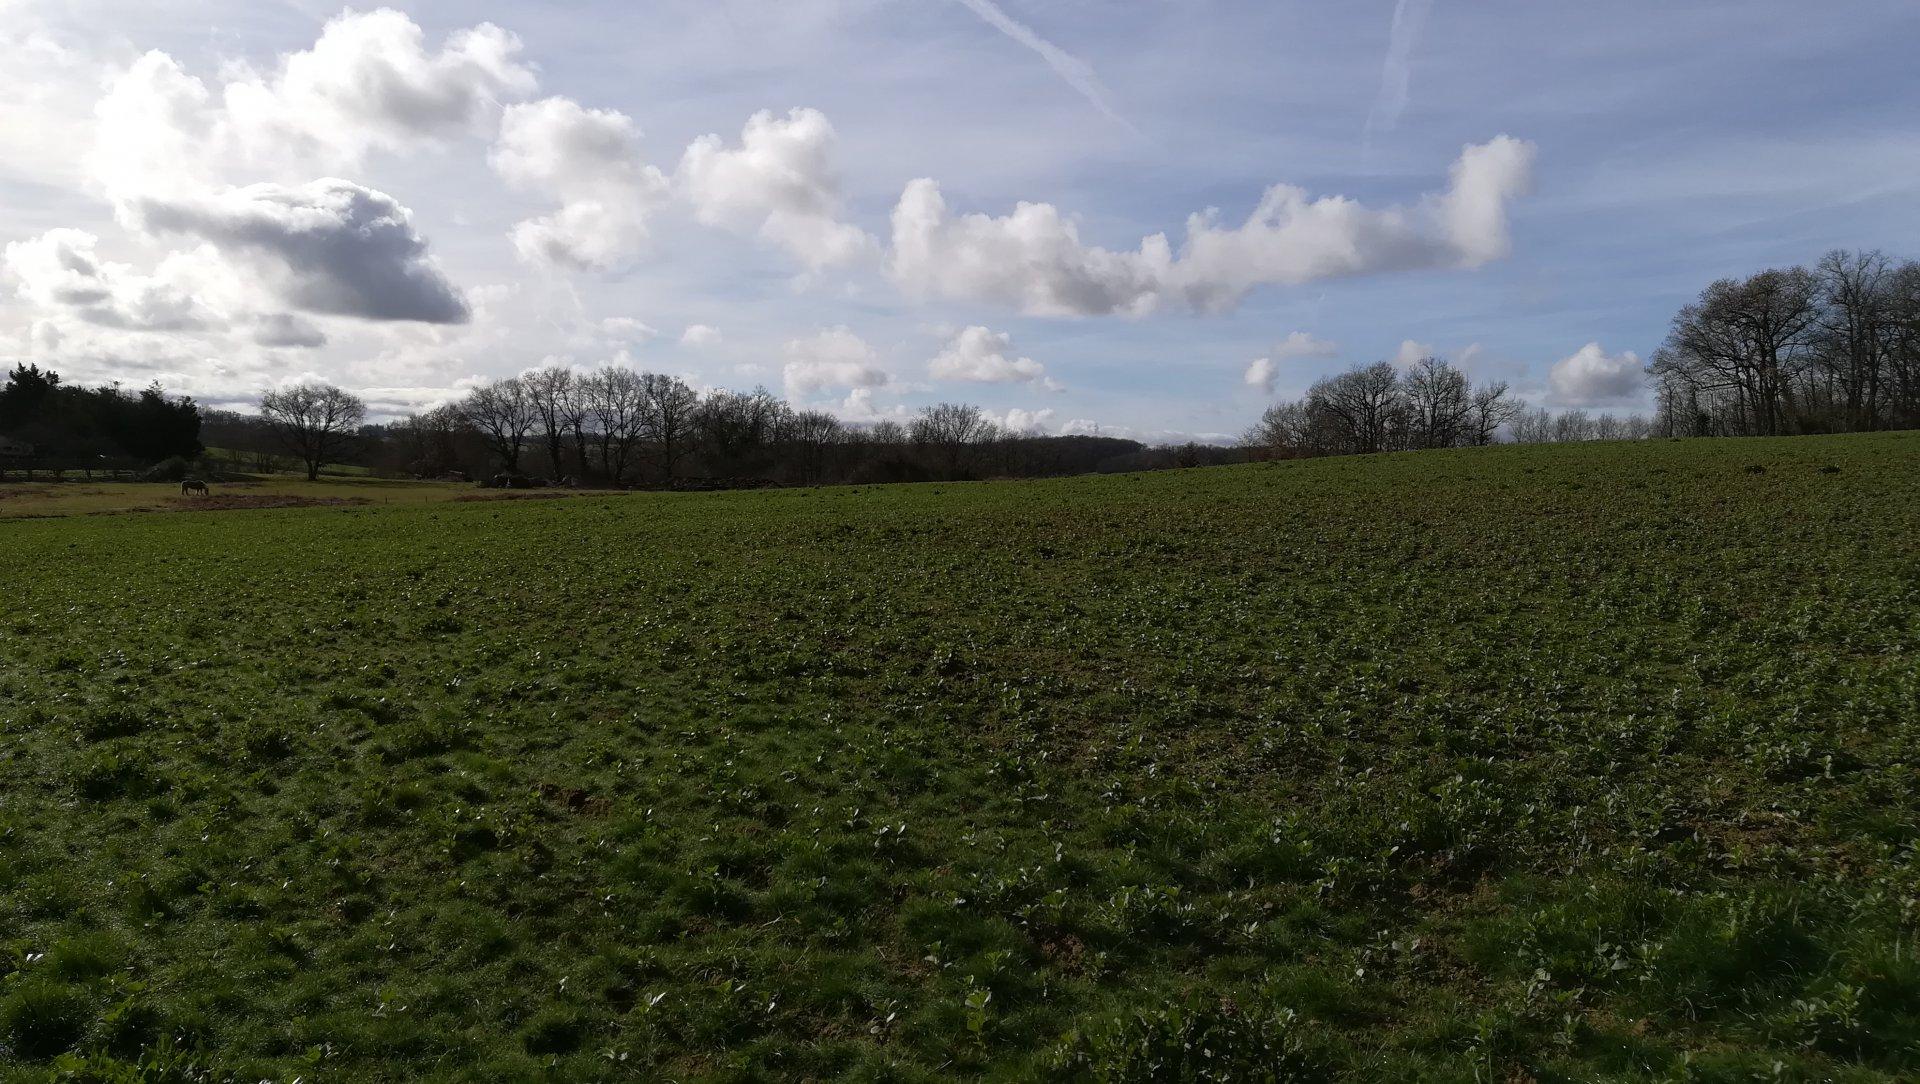 Bouwterrein van 1.4ha met 2x woonvergunning in de Gers